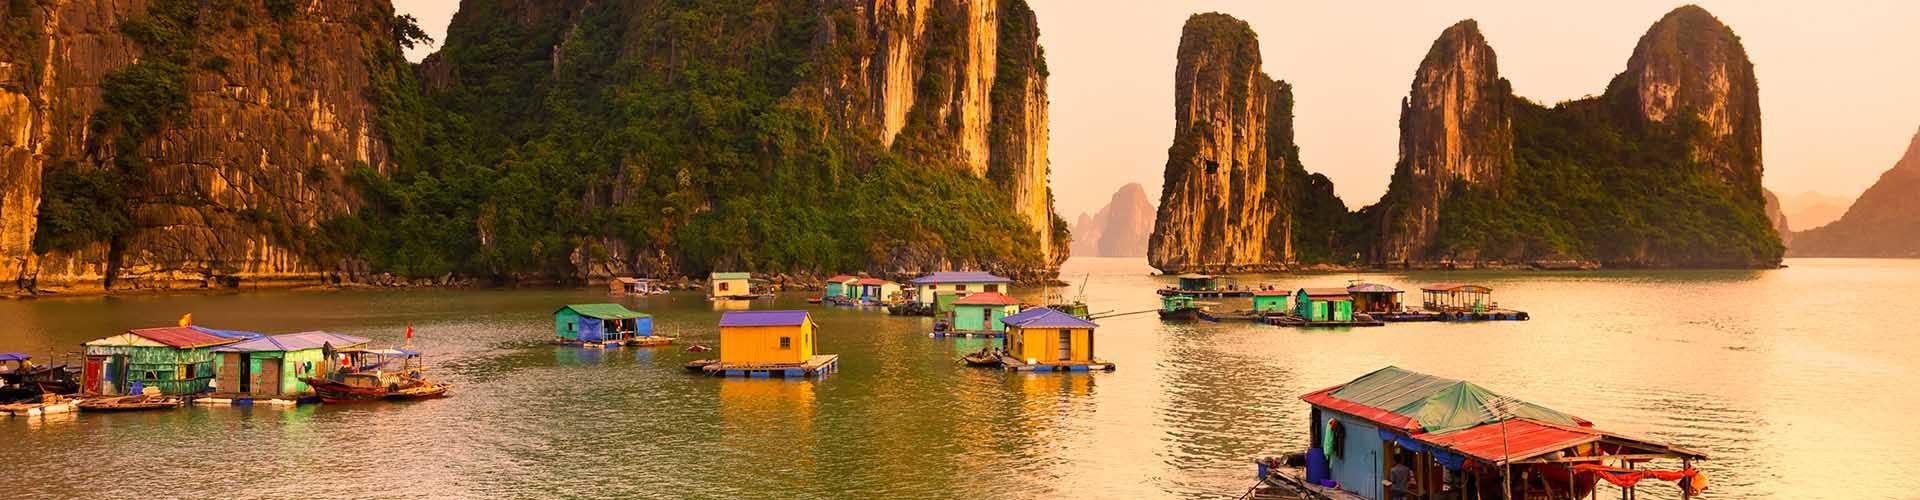 Vietnam muslim tour